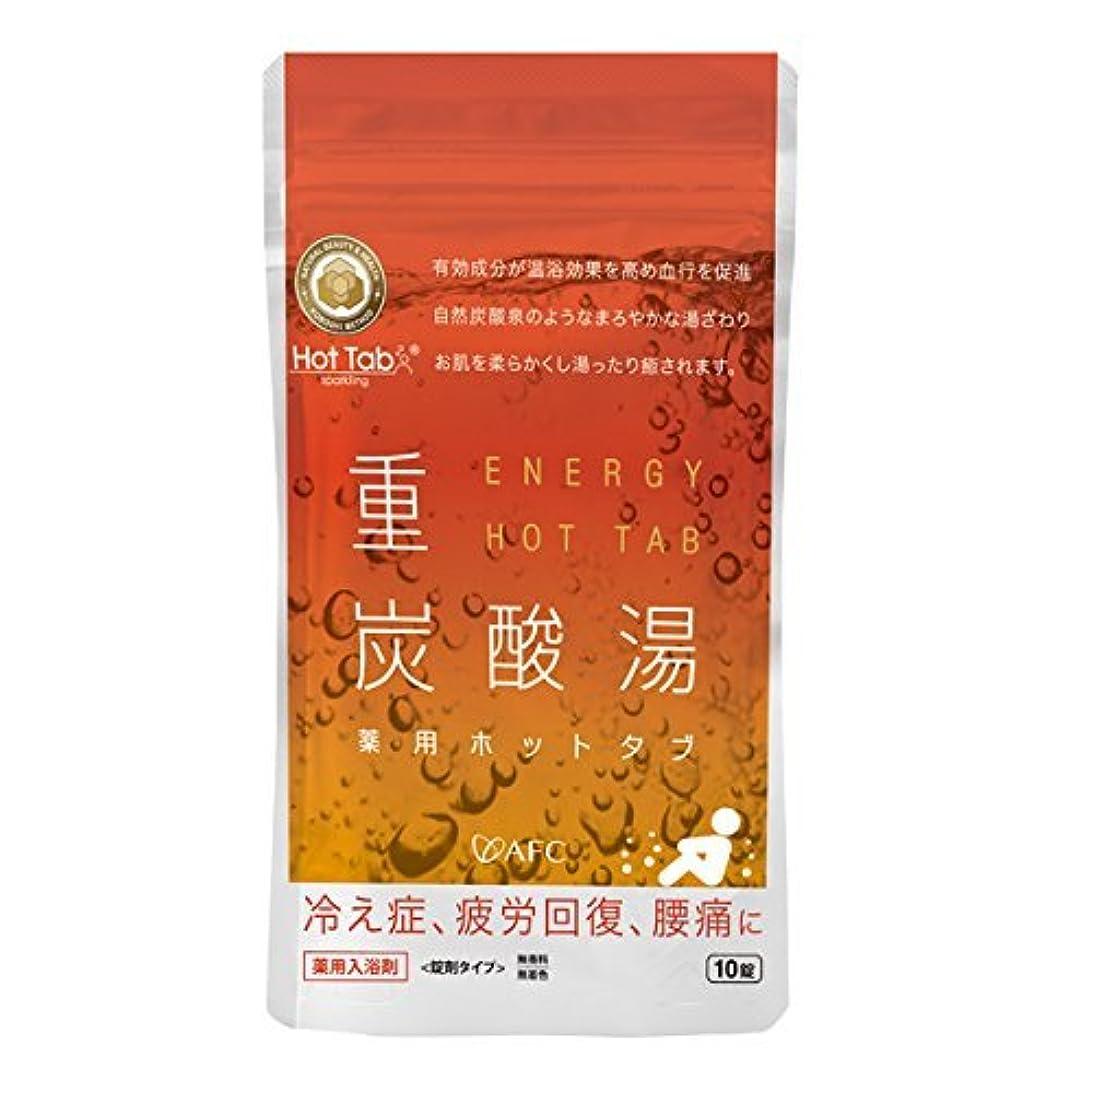 準備マートグレー薬用 重炭酸湯 エナジーホットタブ 浴用化粧品 錠剤タイプ 10錠入り×2個セット(計20錠)